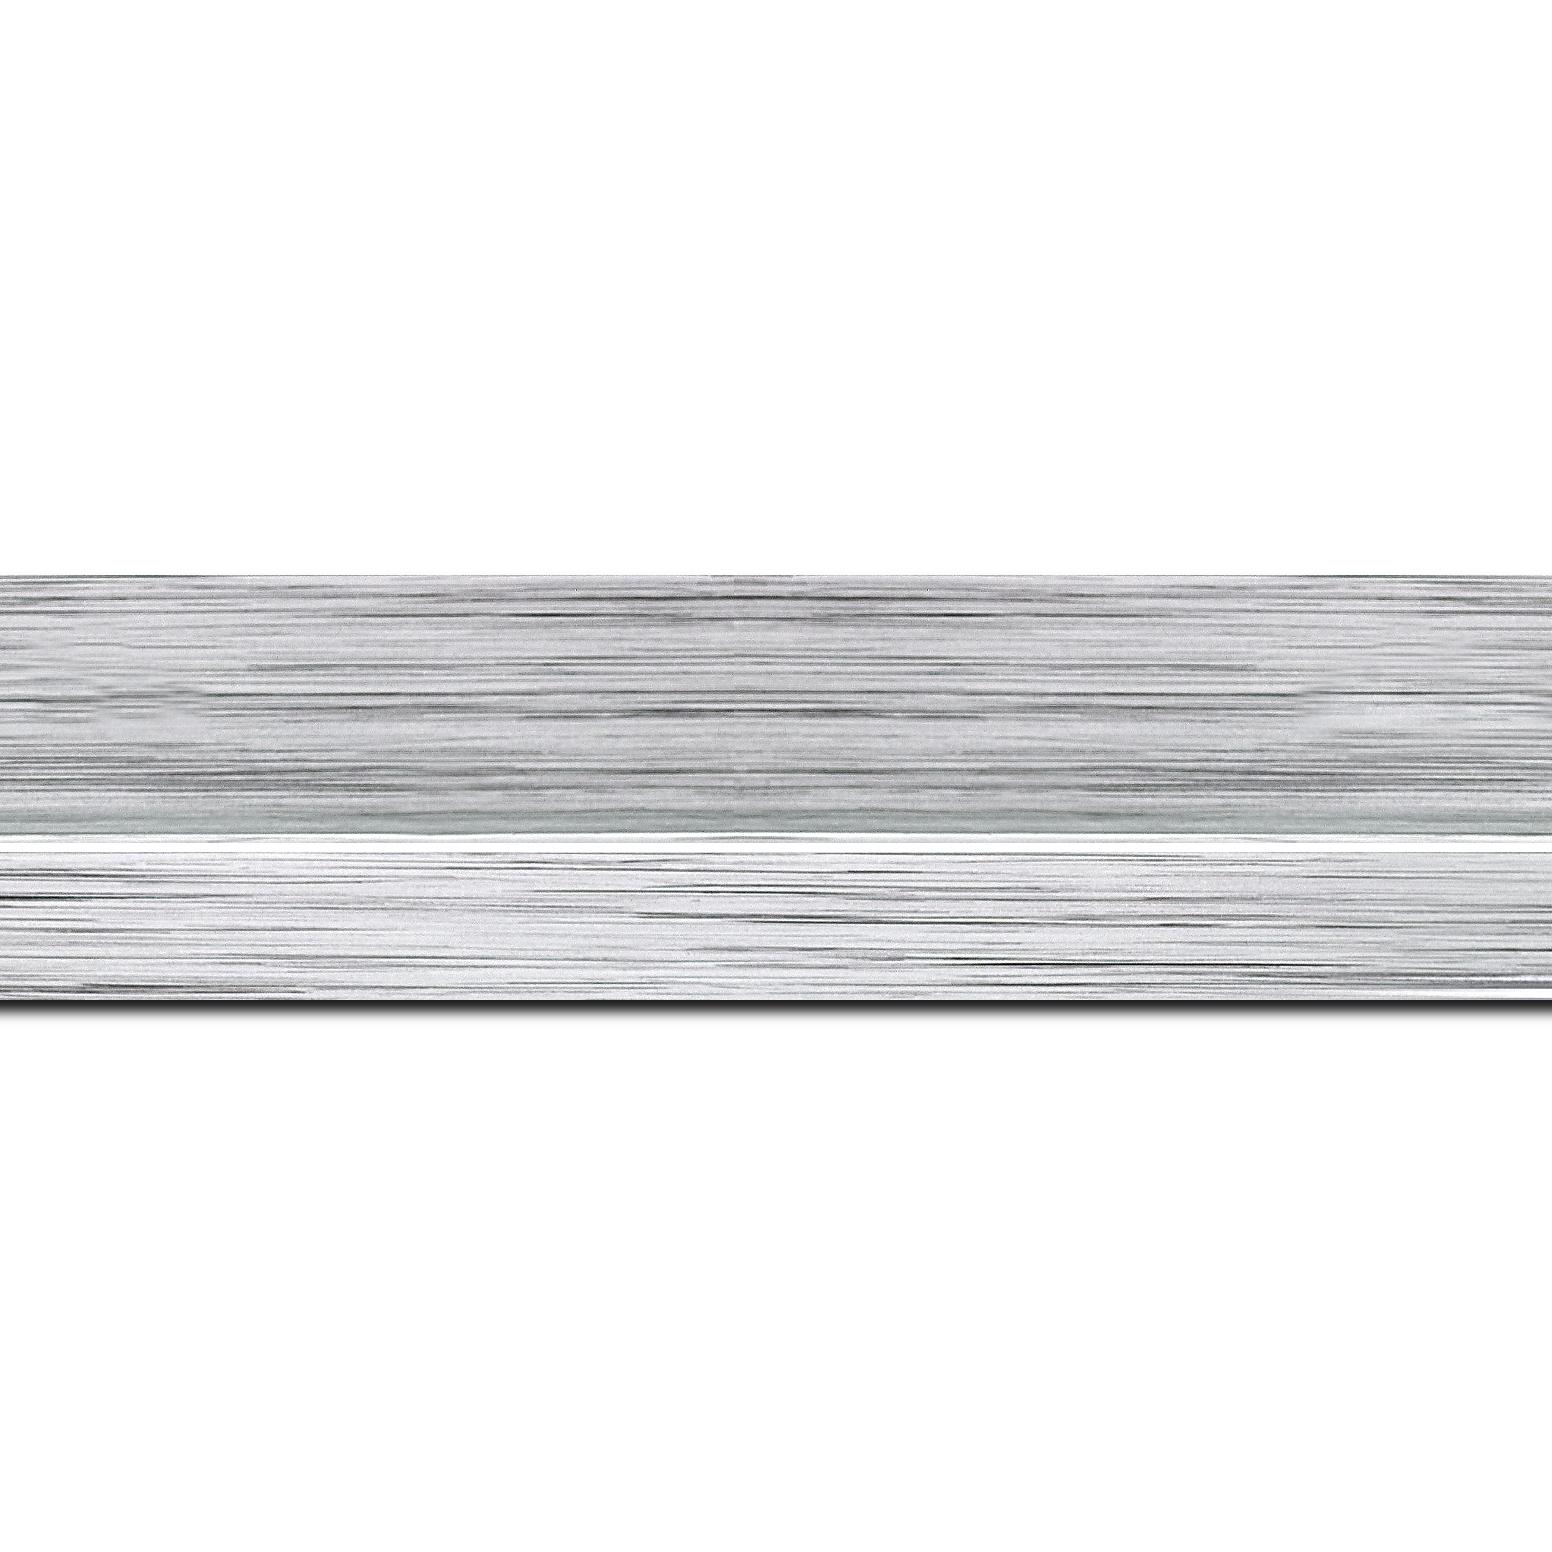 Baguette longueur 1.40m bois profil plat largeur 4.5cm couleur argent nez argent